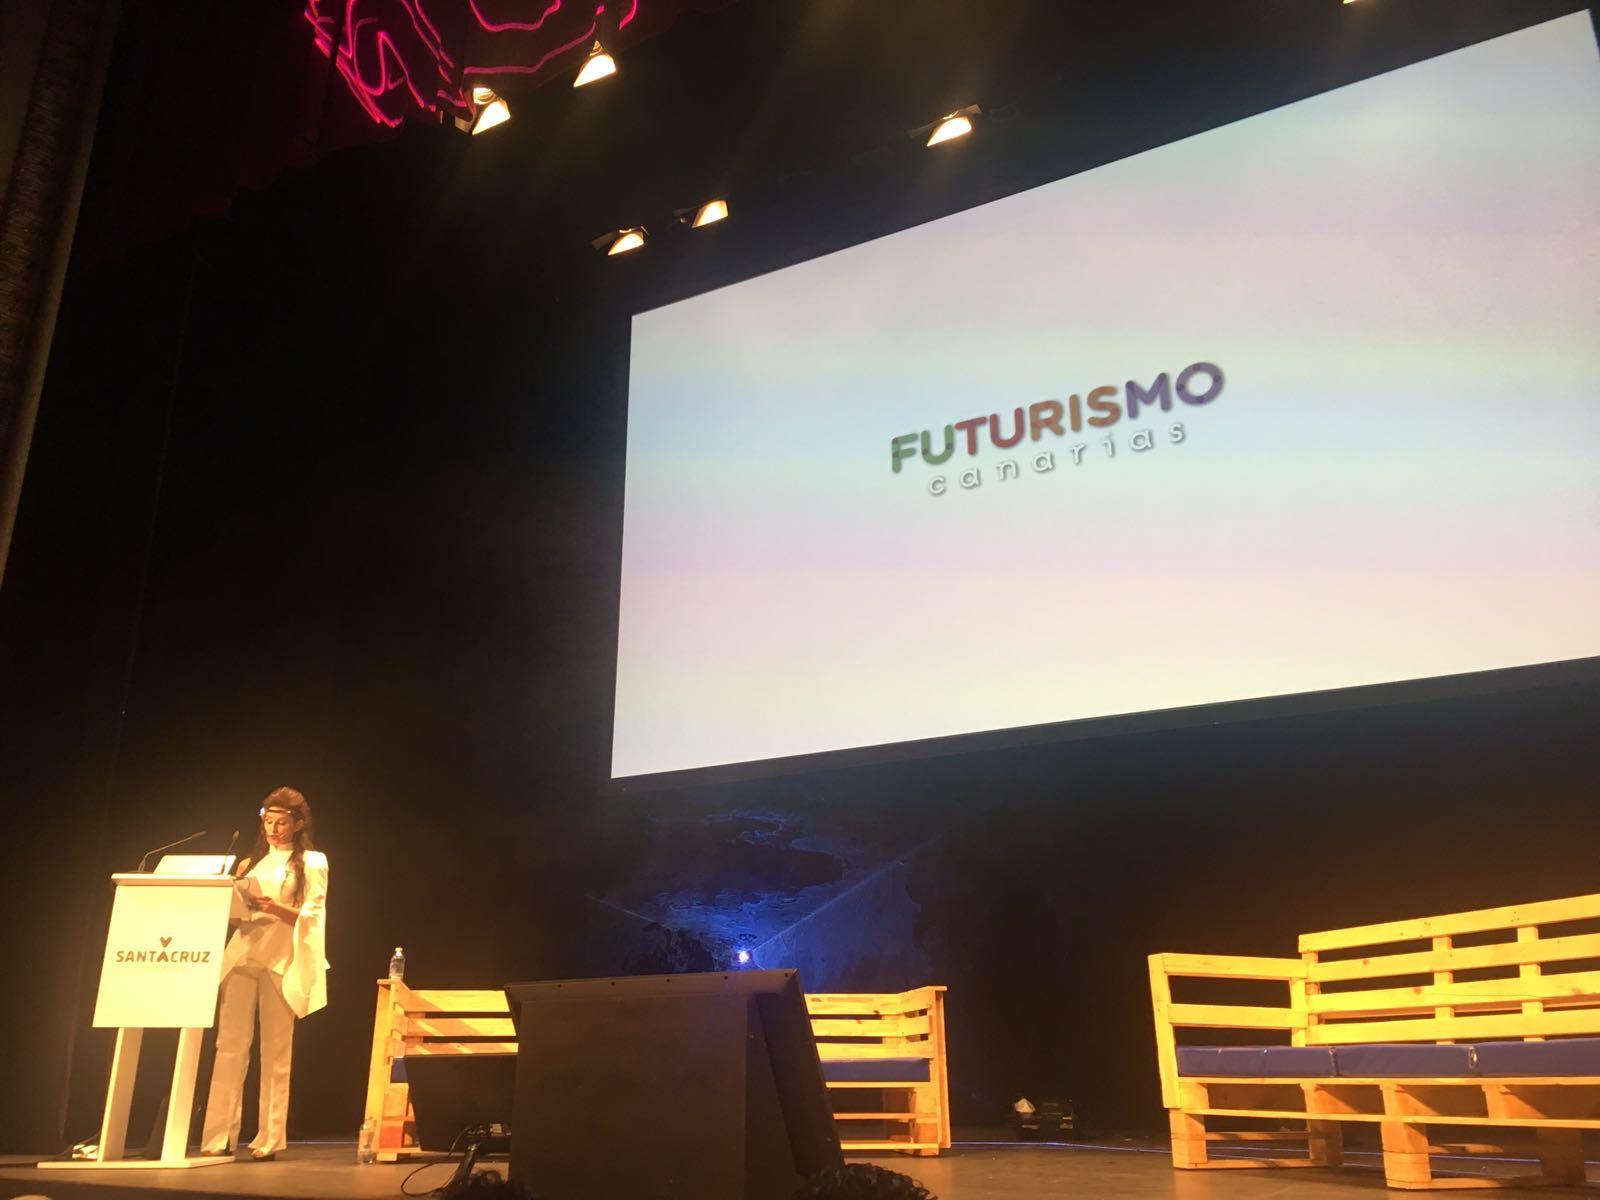 Futurismo Canarias: la renovación hotelera como reto en 2017